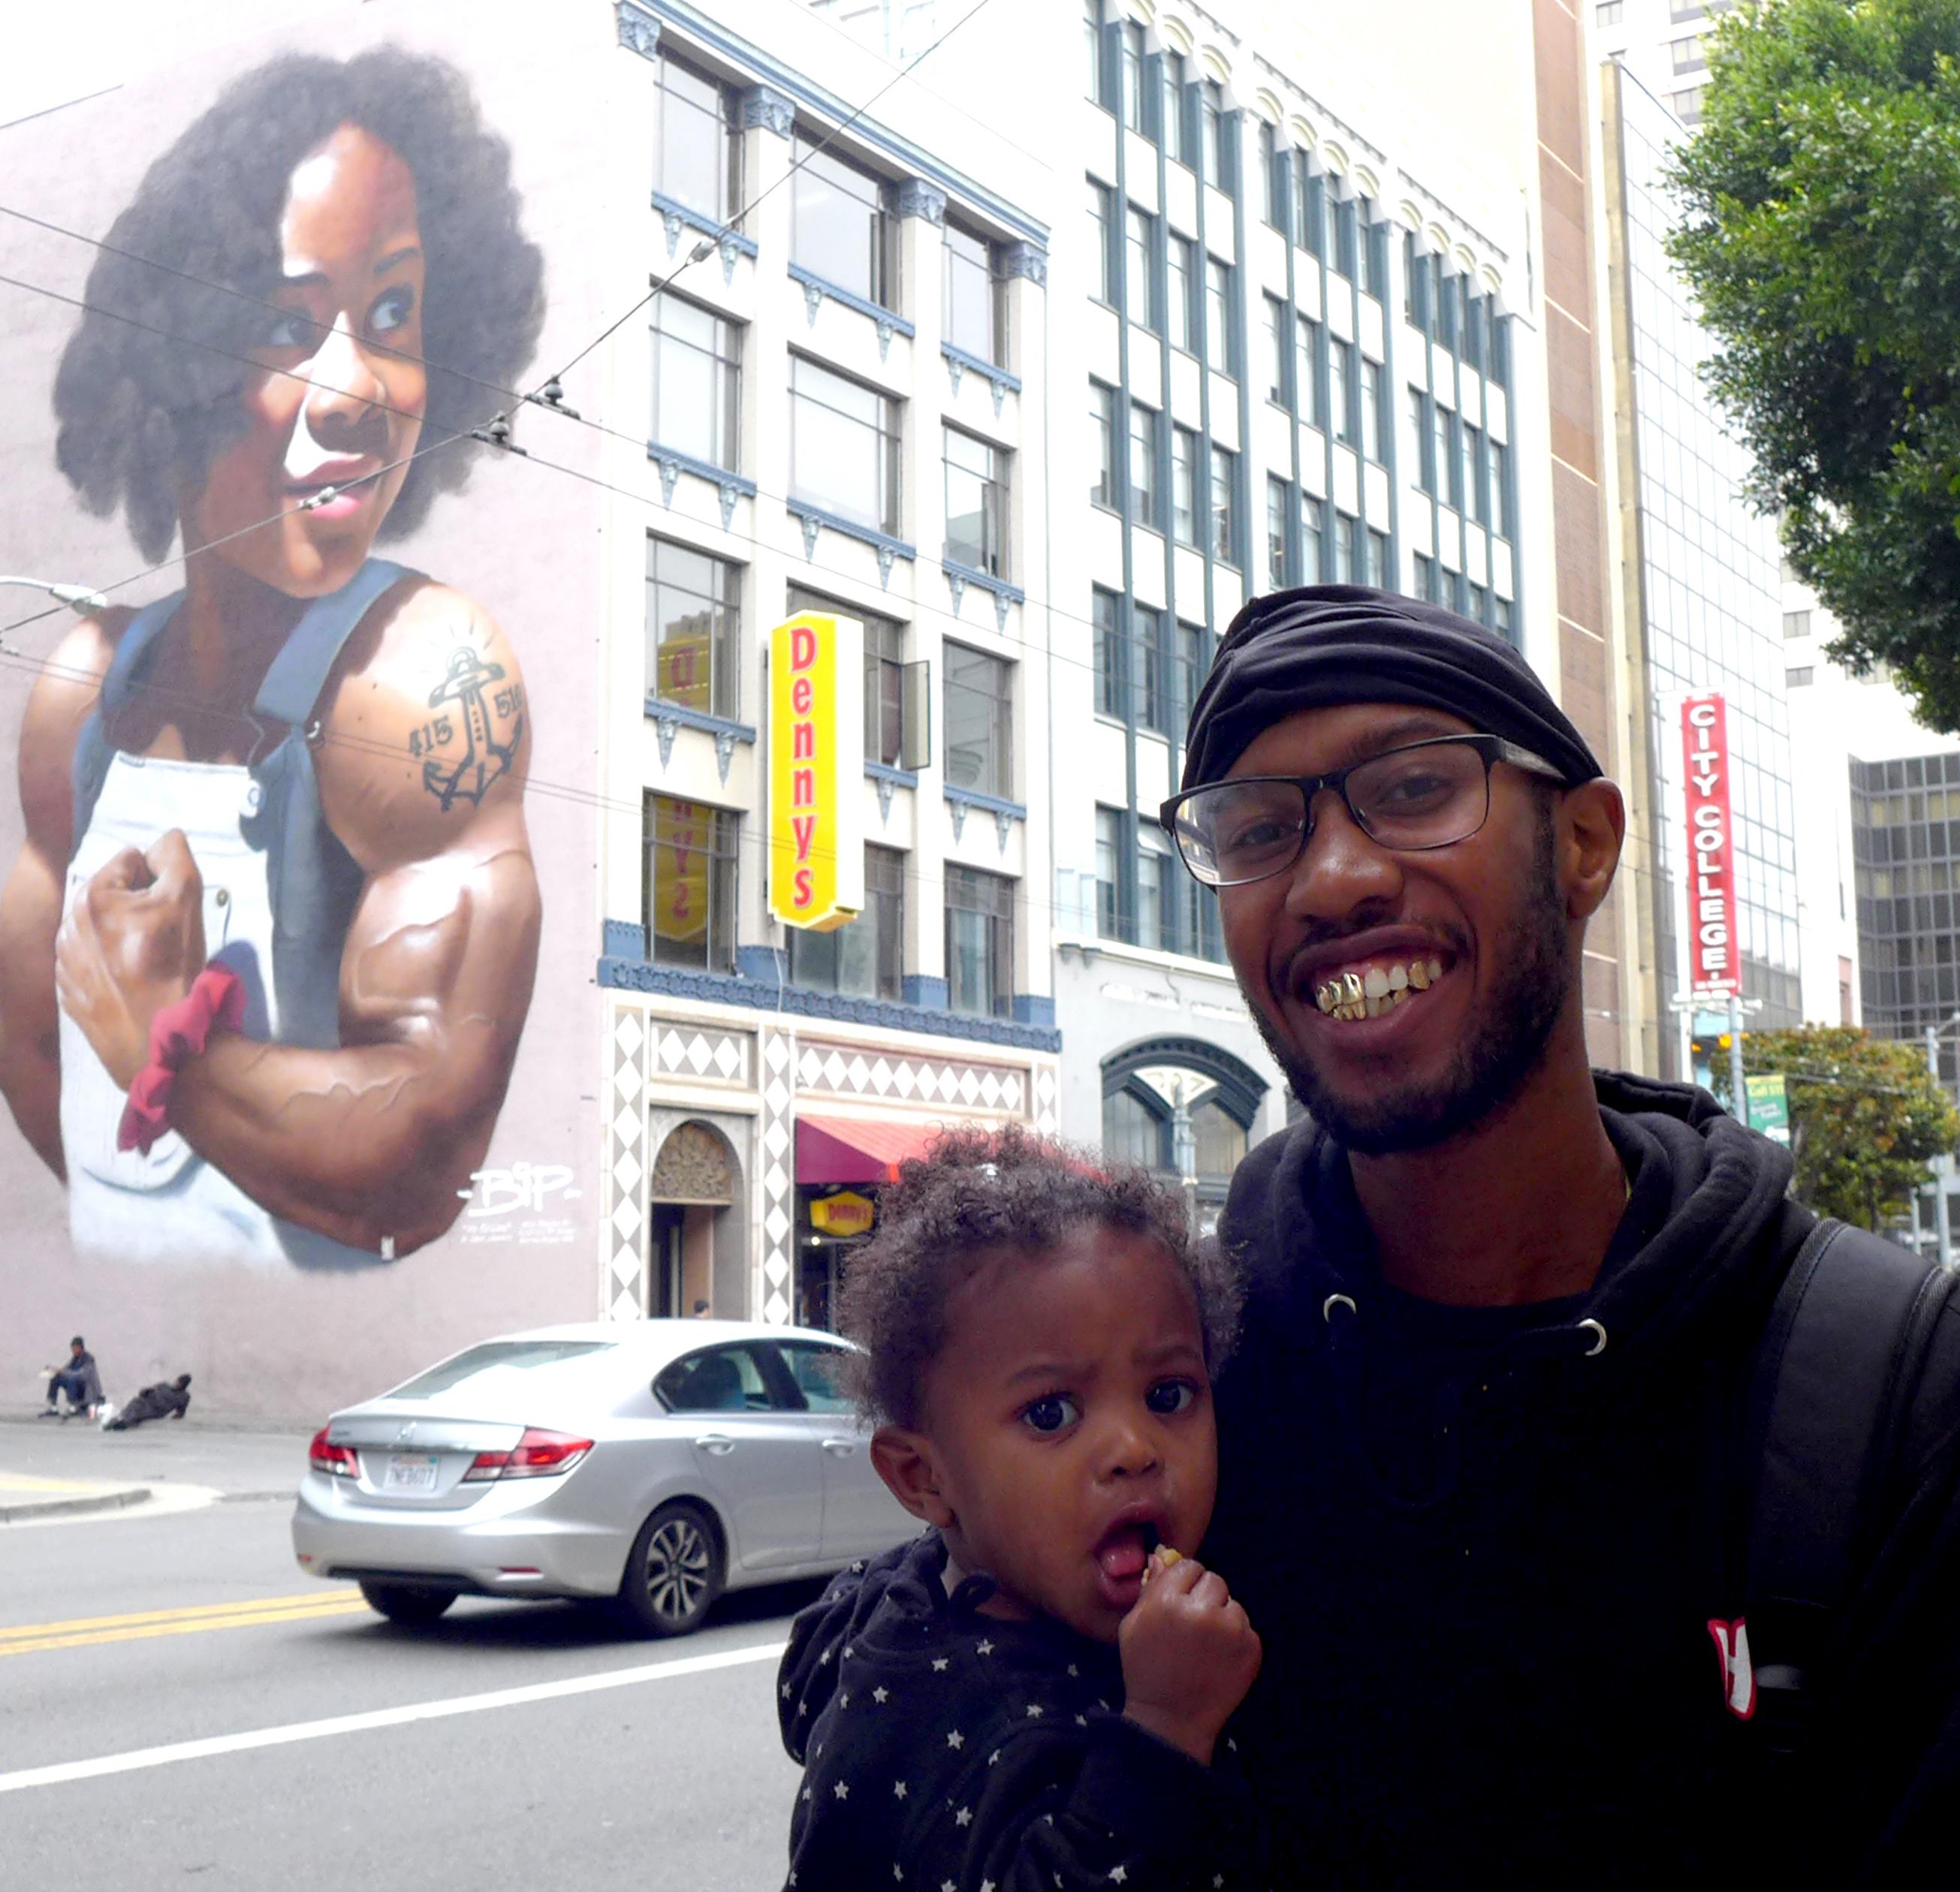 BIP mural, dad and kid